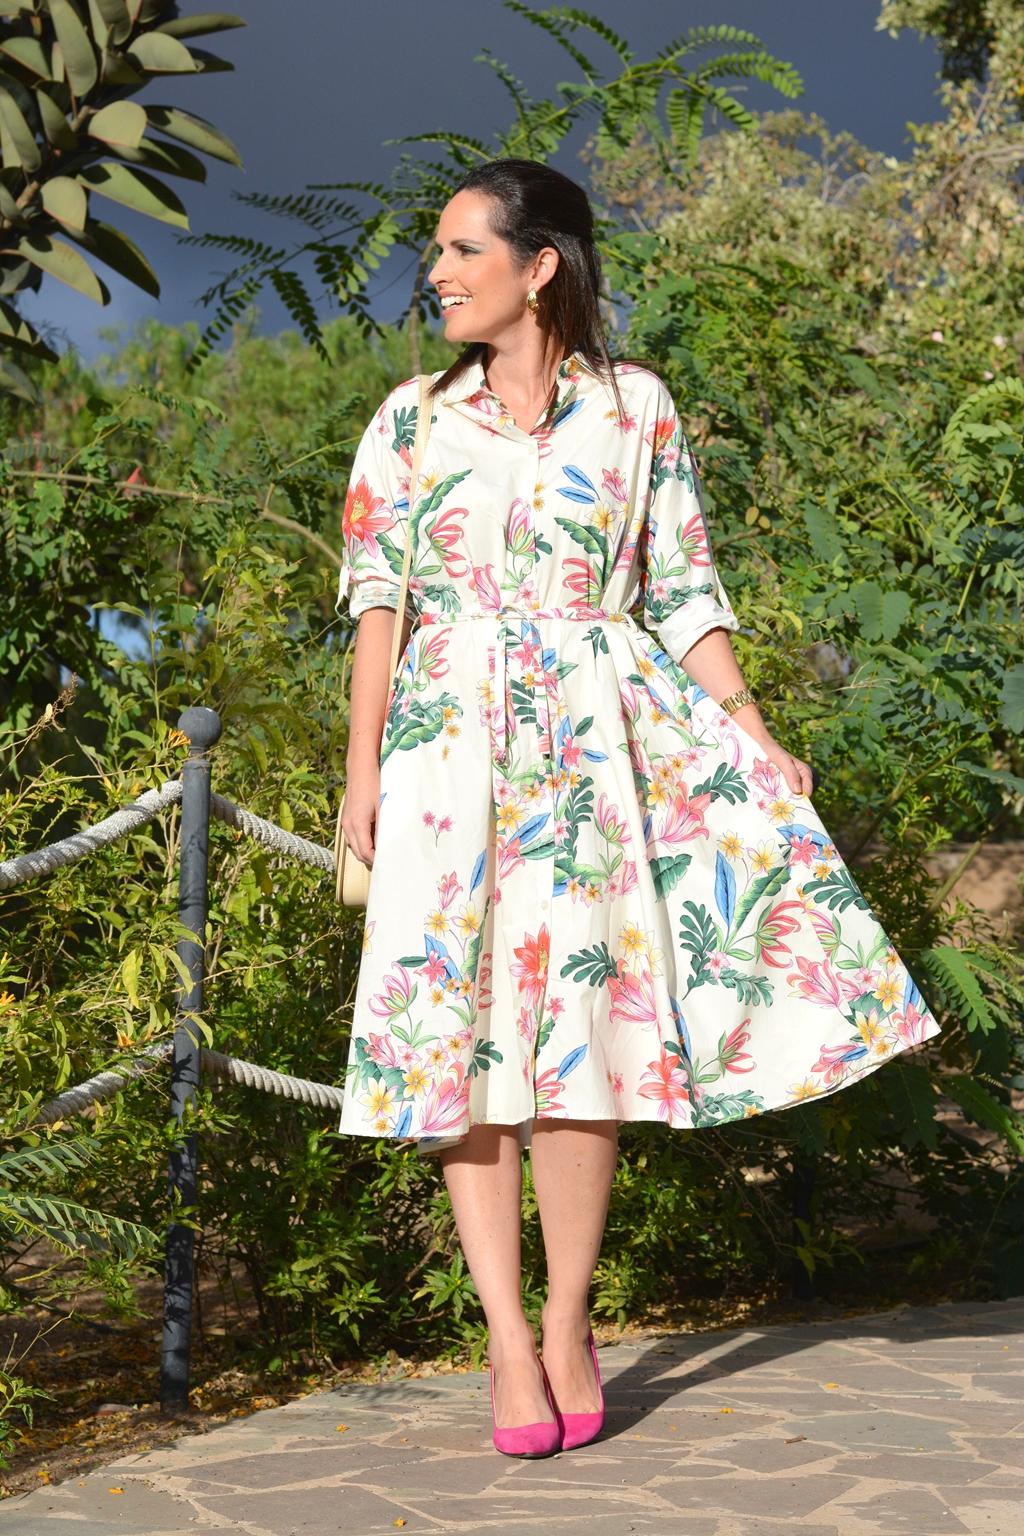 zara-flowers-dress-ladylike-outfit-streetstyle